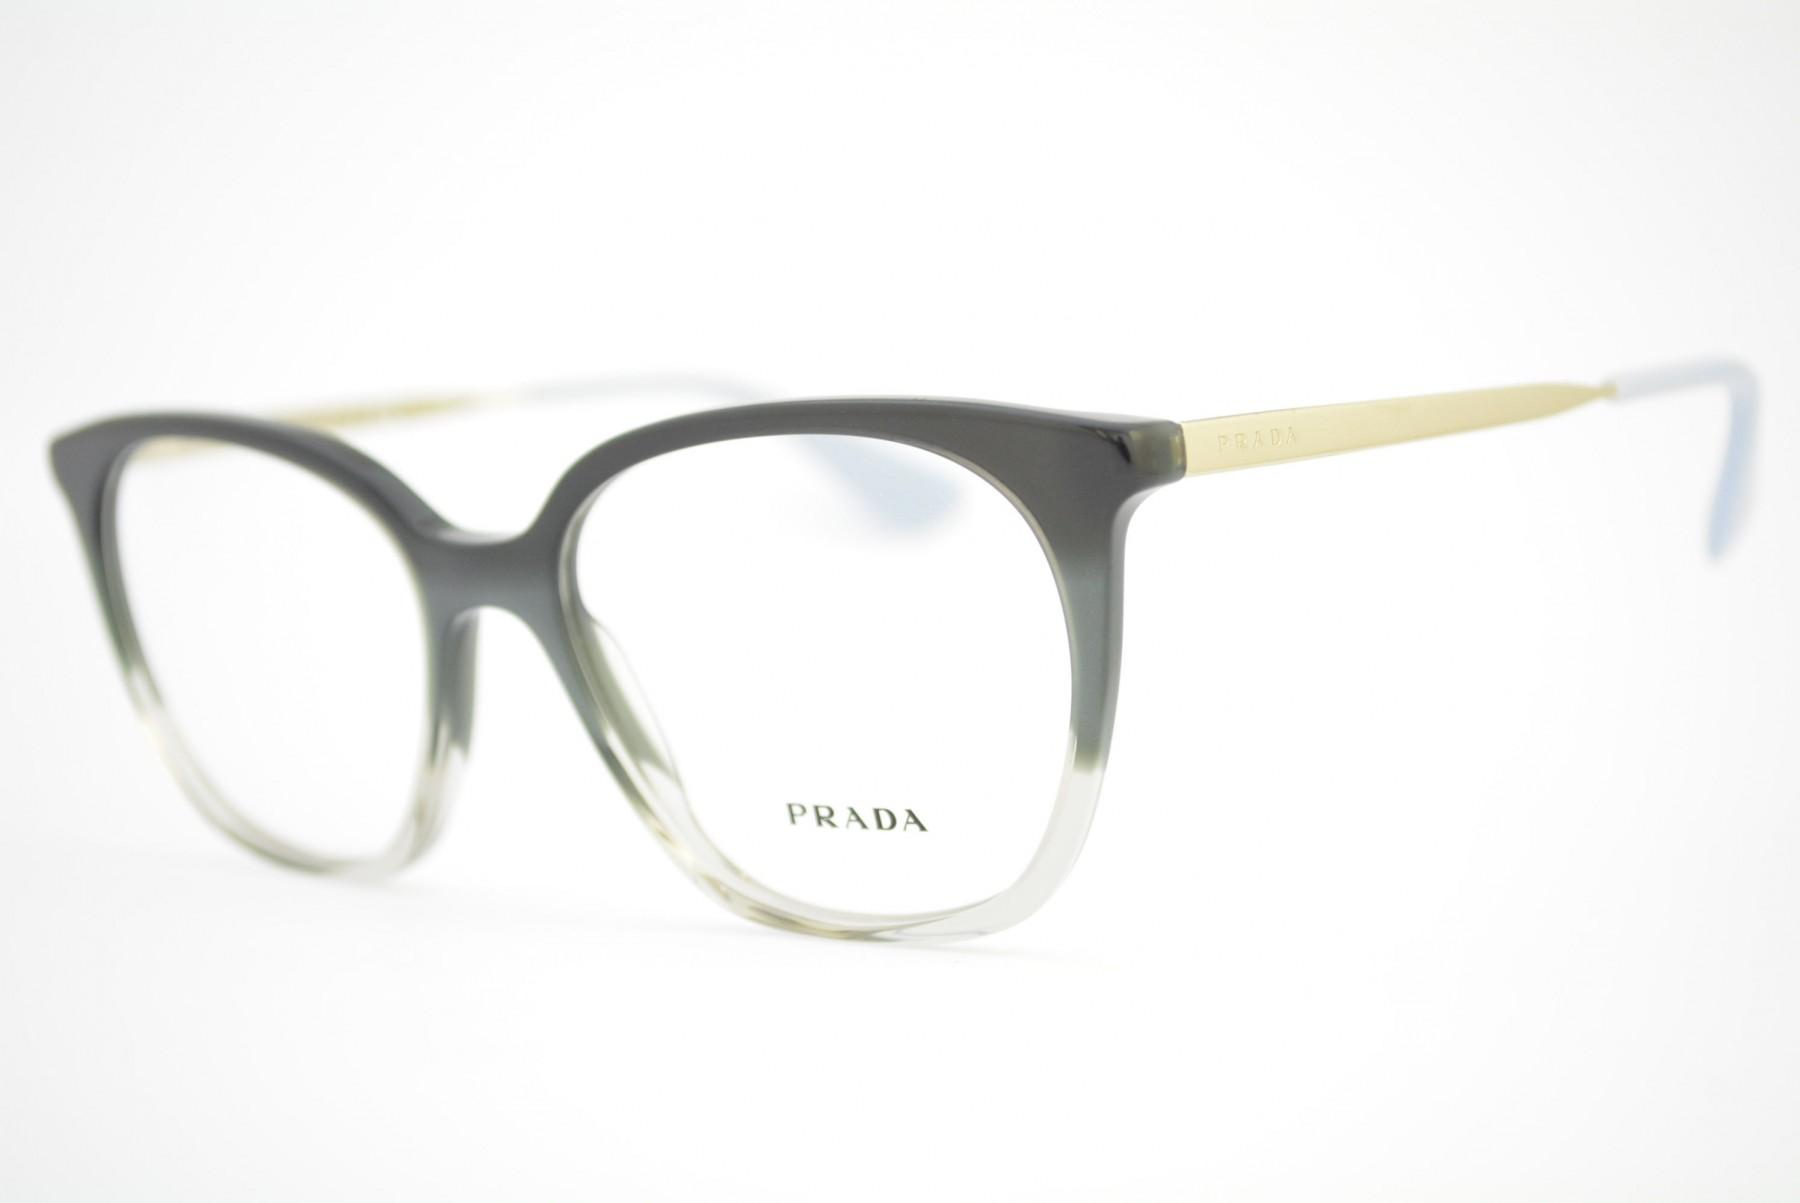 armação de óculos Prada mod vpr11T VX4-1O1 Ótica Cardoso a7d5bc4bc1